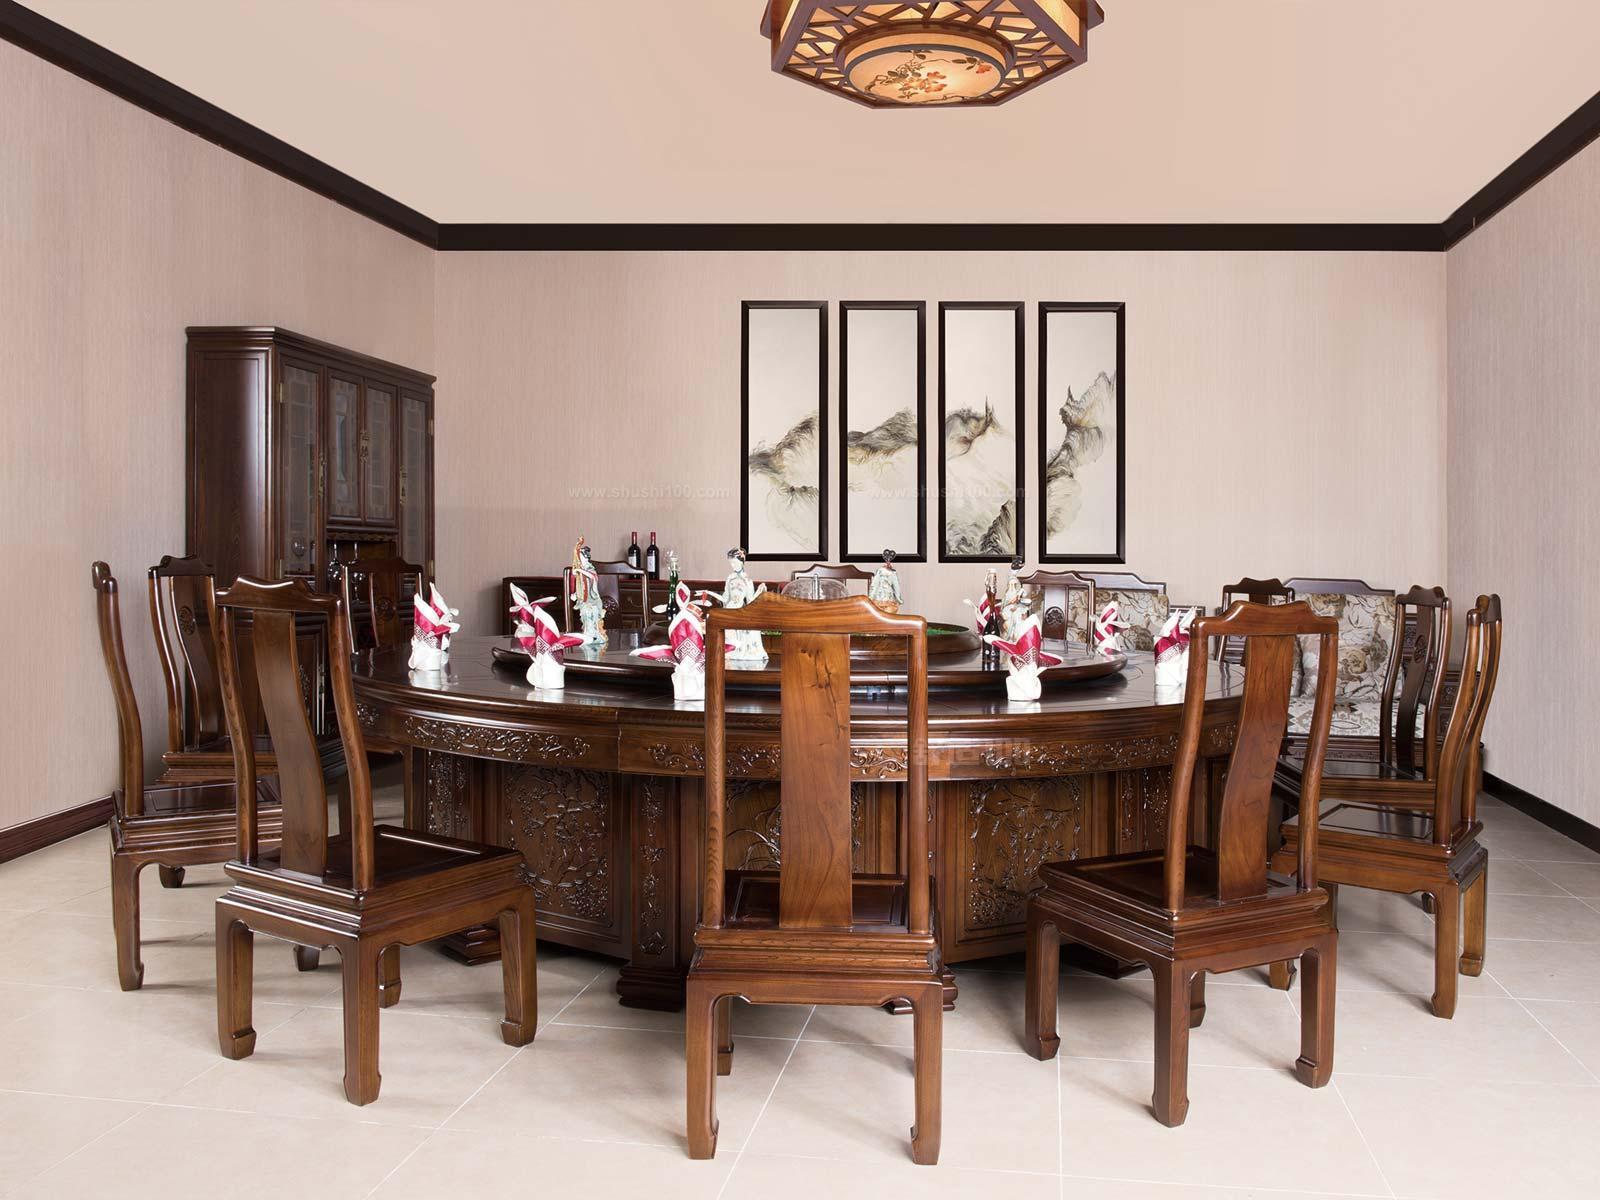 中式榆木家具—中式榆木家具的推荐品牌图片